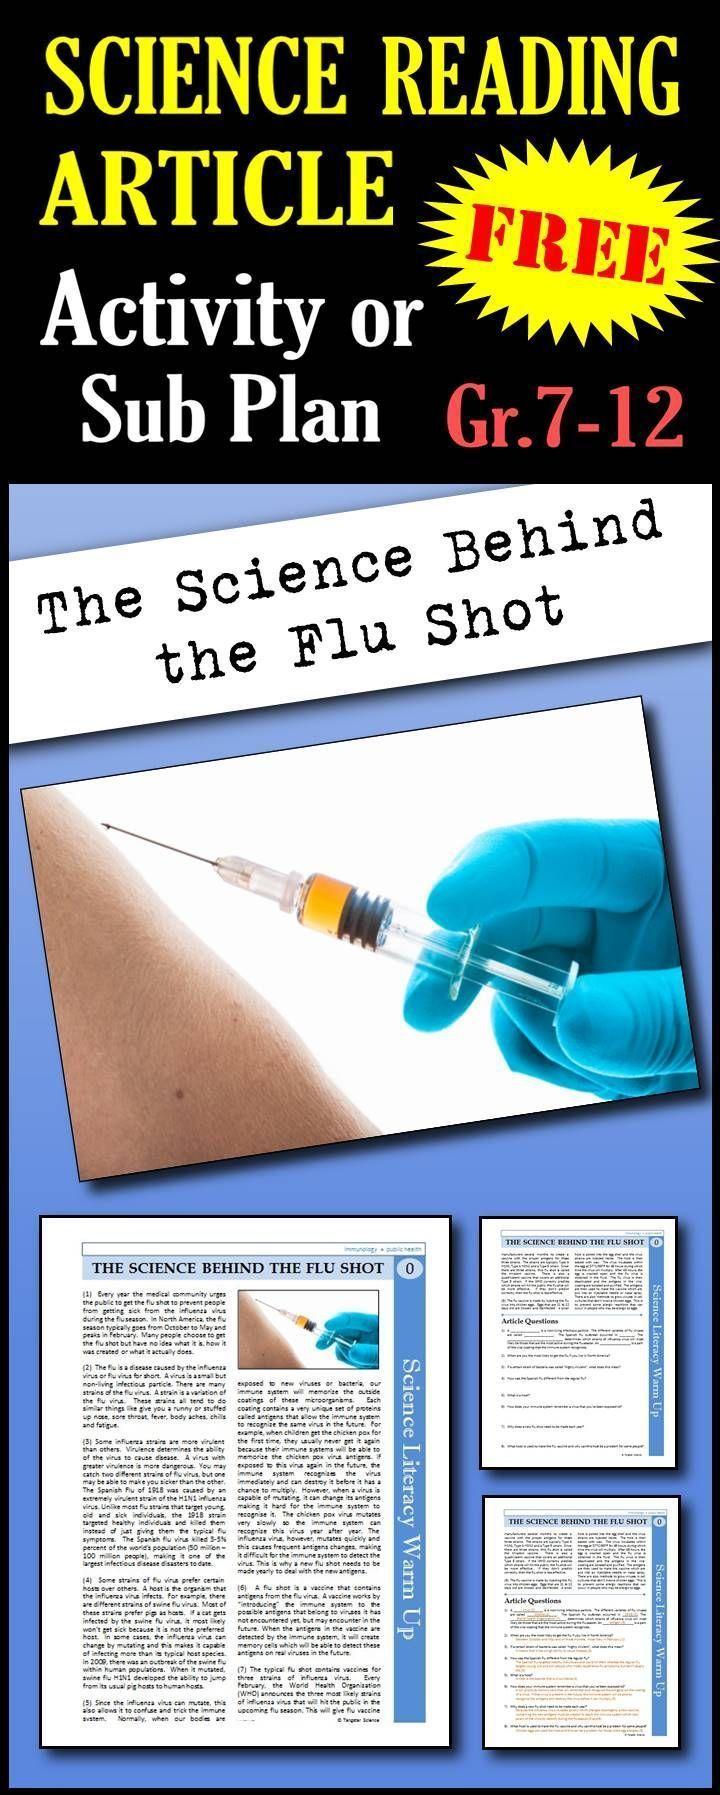 In diesem Artikel werden die Schüler über Viren lesen, die